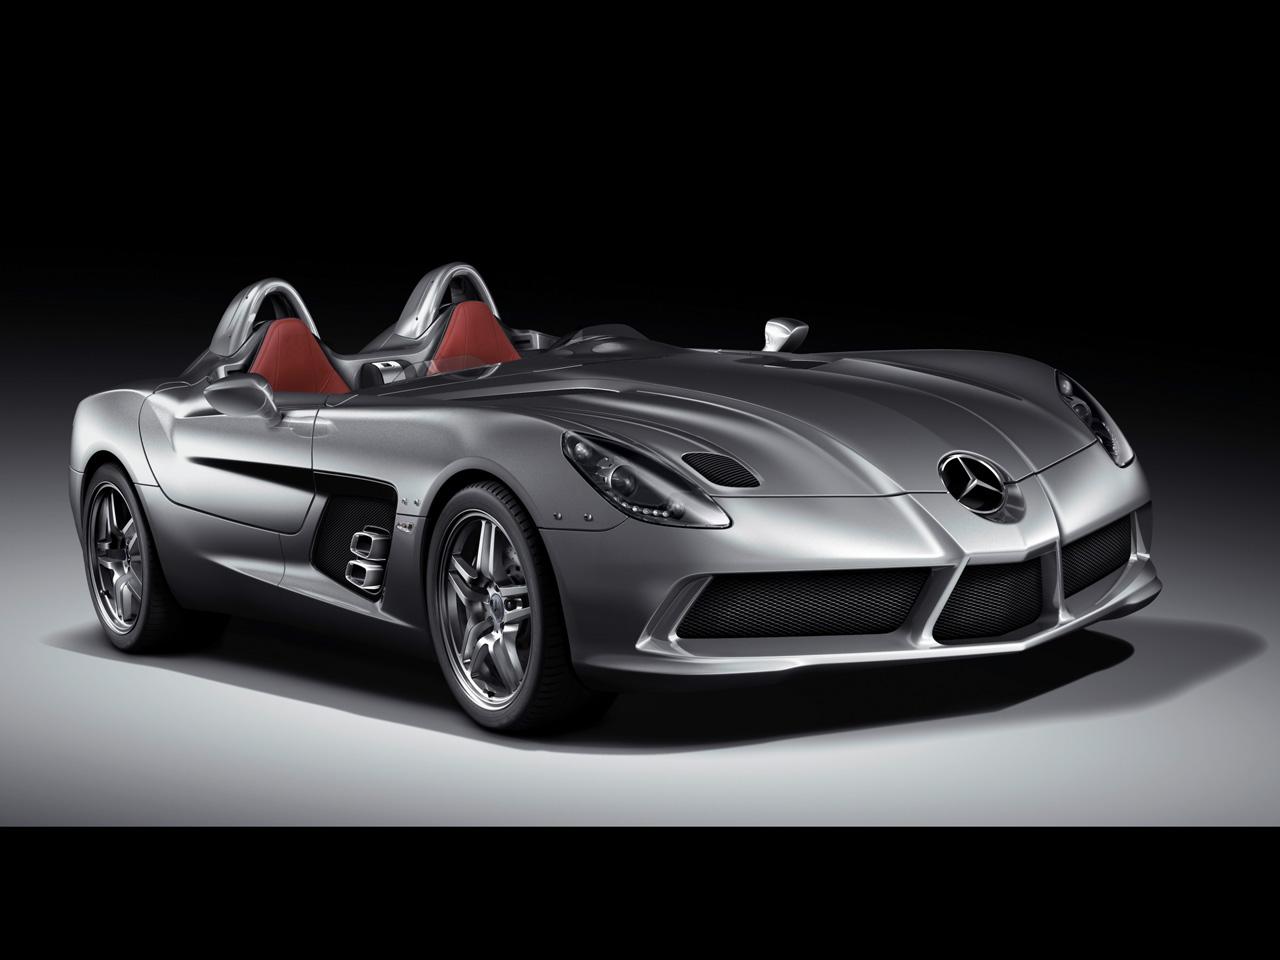 http://2.bp.blogspot.com/-sngrWrdvirk/T1kP6pl6ldI/AAAAAAAAAD8/SWHxafy8OZ4/s1600/2009-Mercedes-Benz-SLR-McLaren-Stirling-Moss-Side-Angle-1280x960.jpg